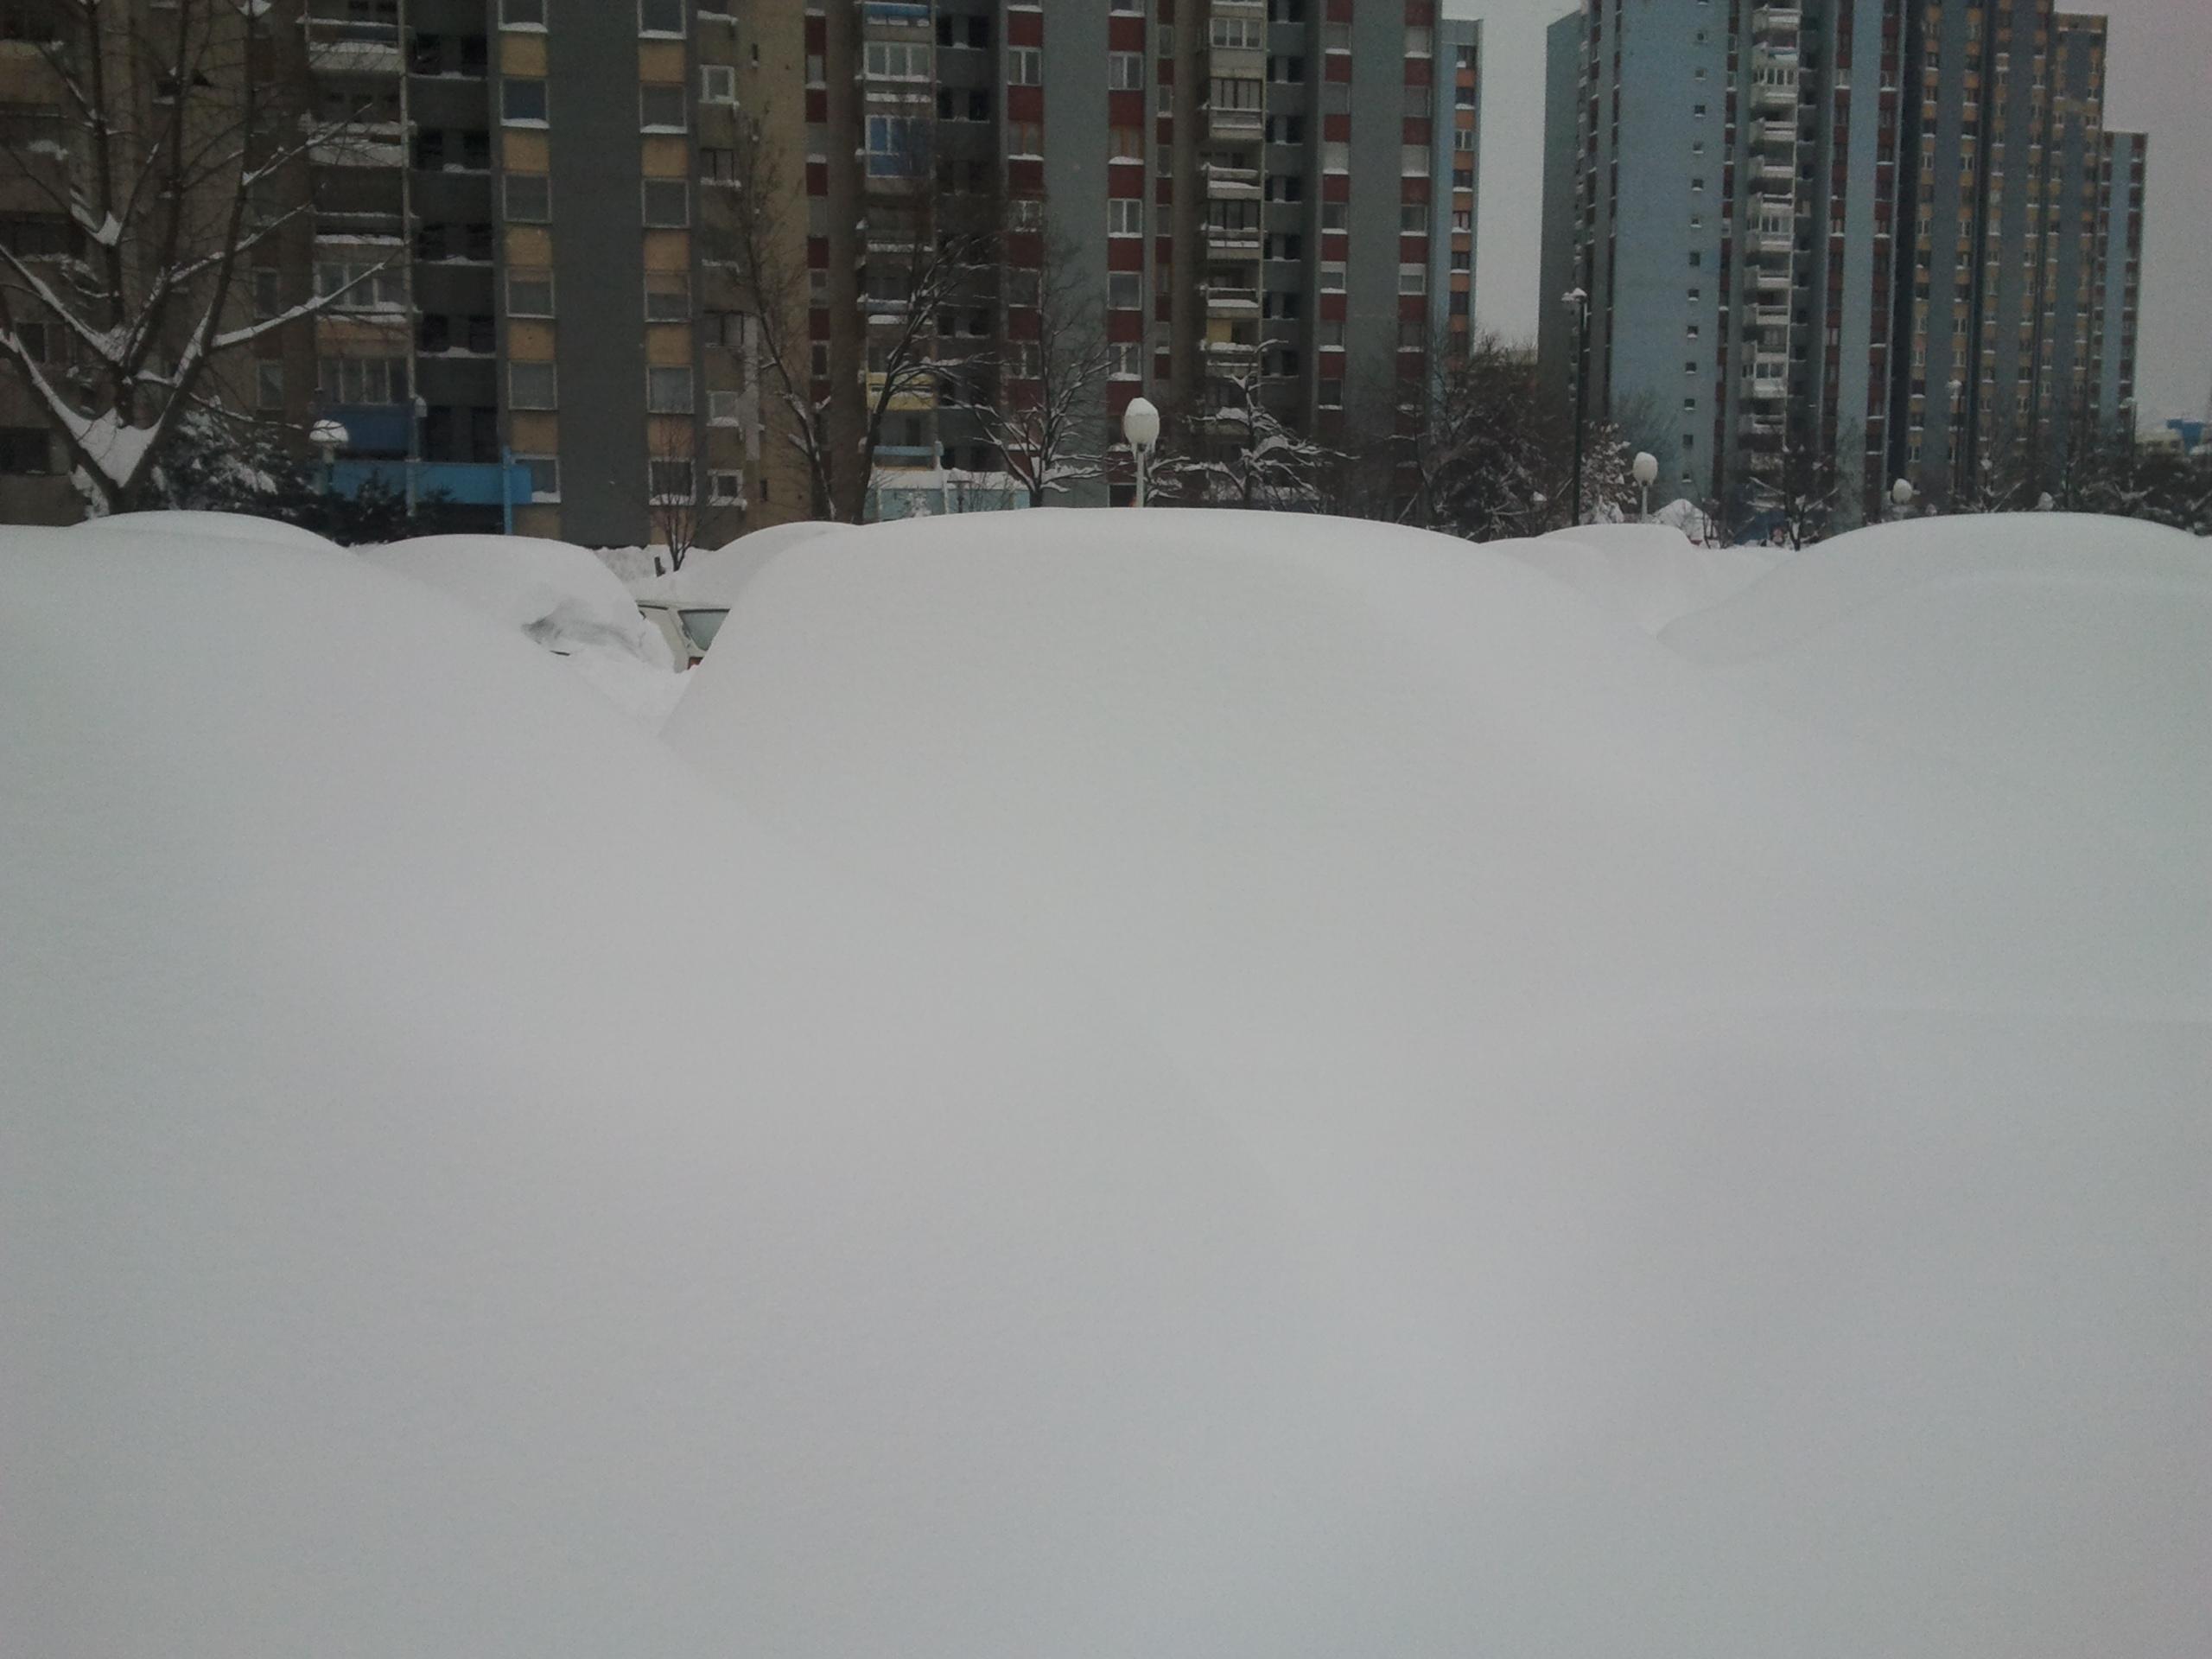 neige_sarajevo11.jpg